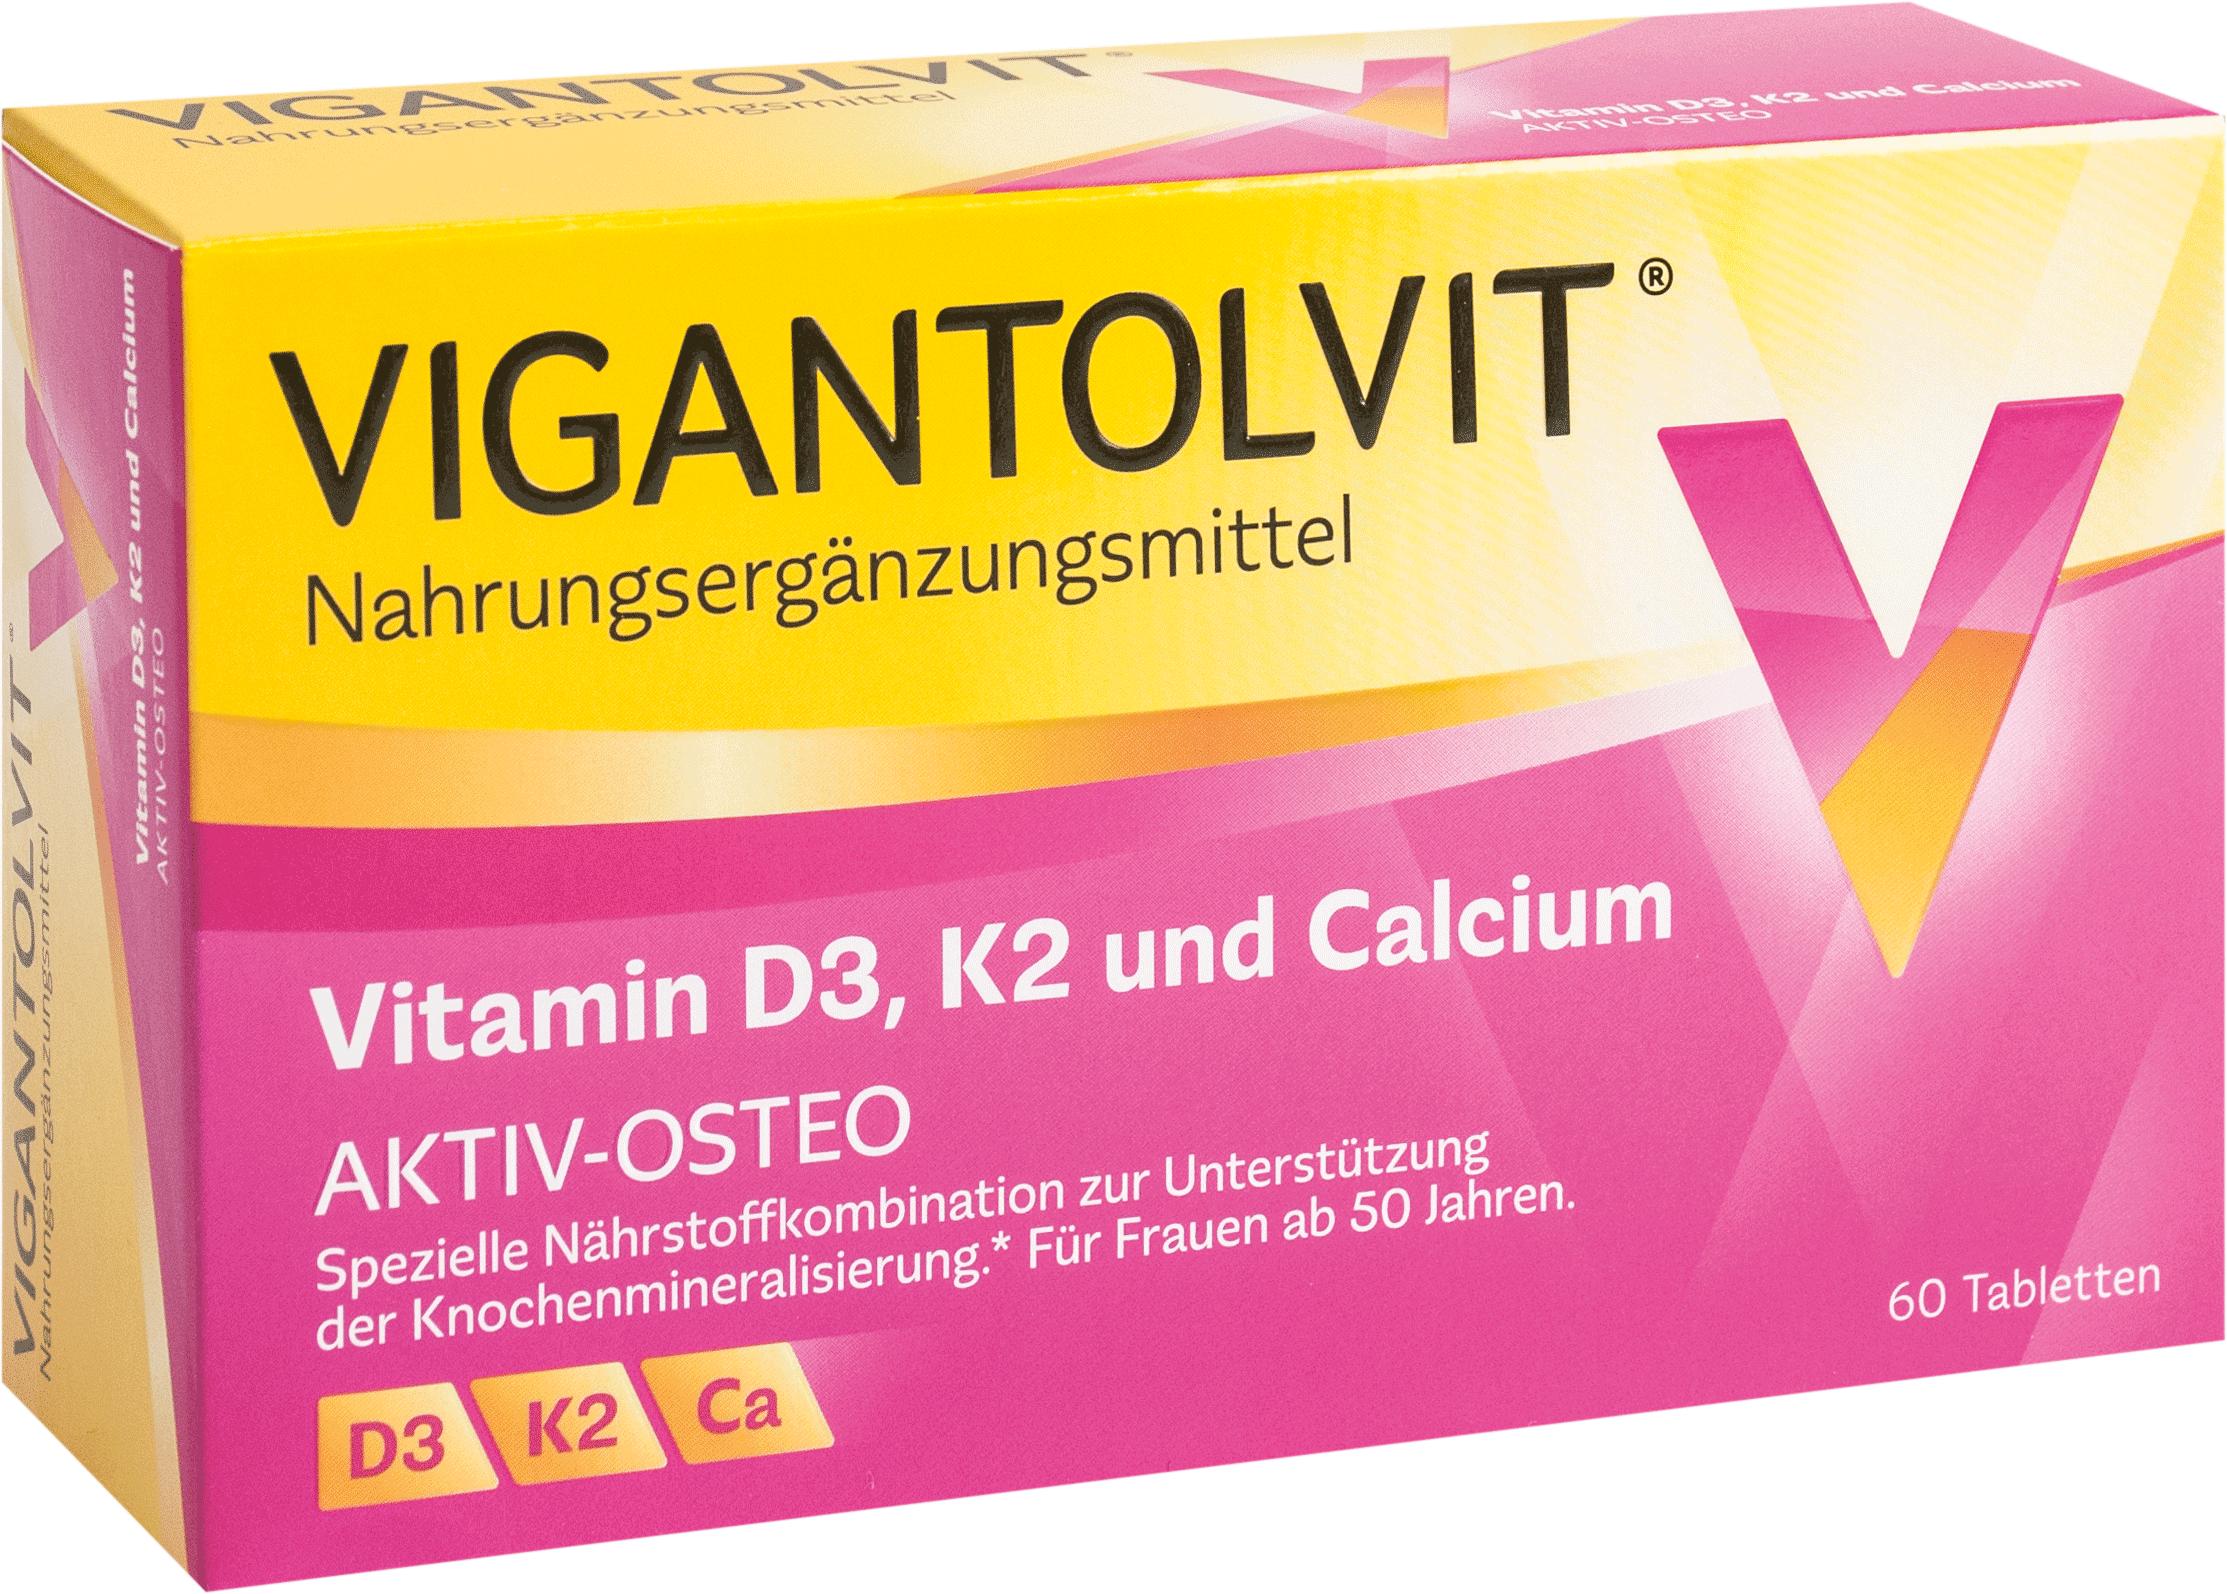 Vigantolvit Vitamin D3 K2 Calcium